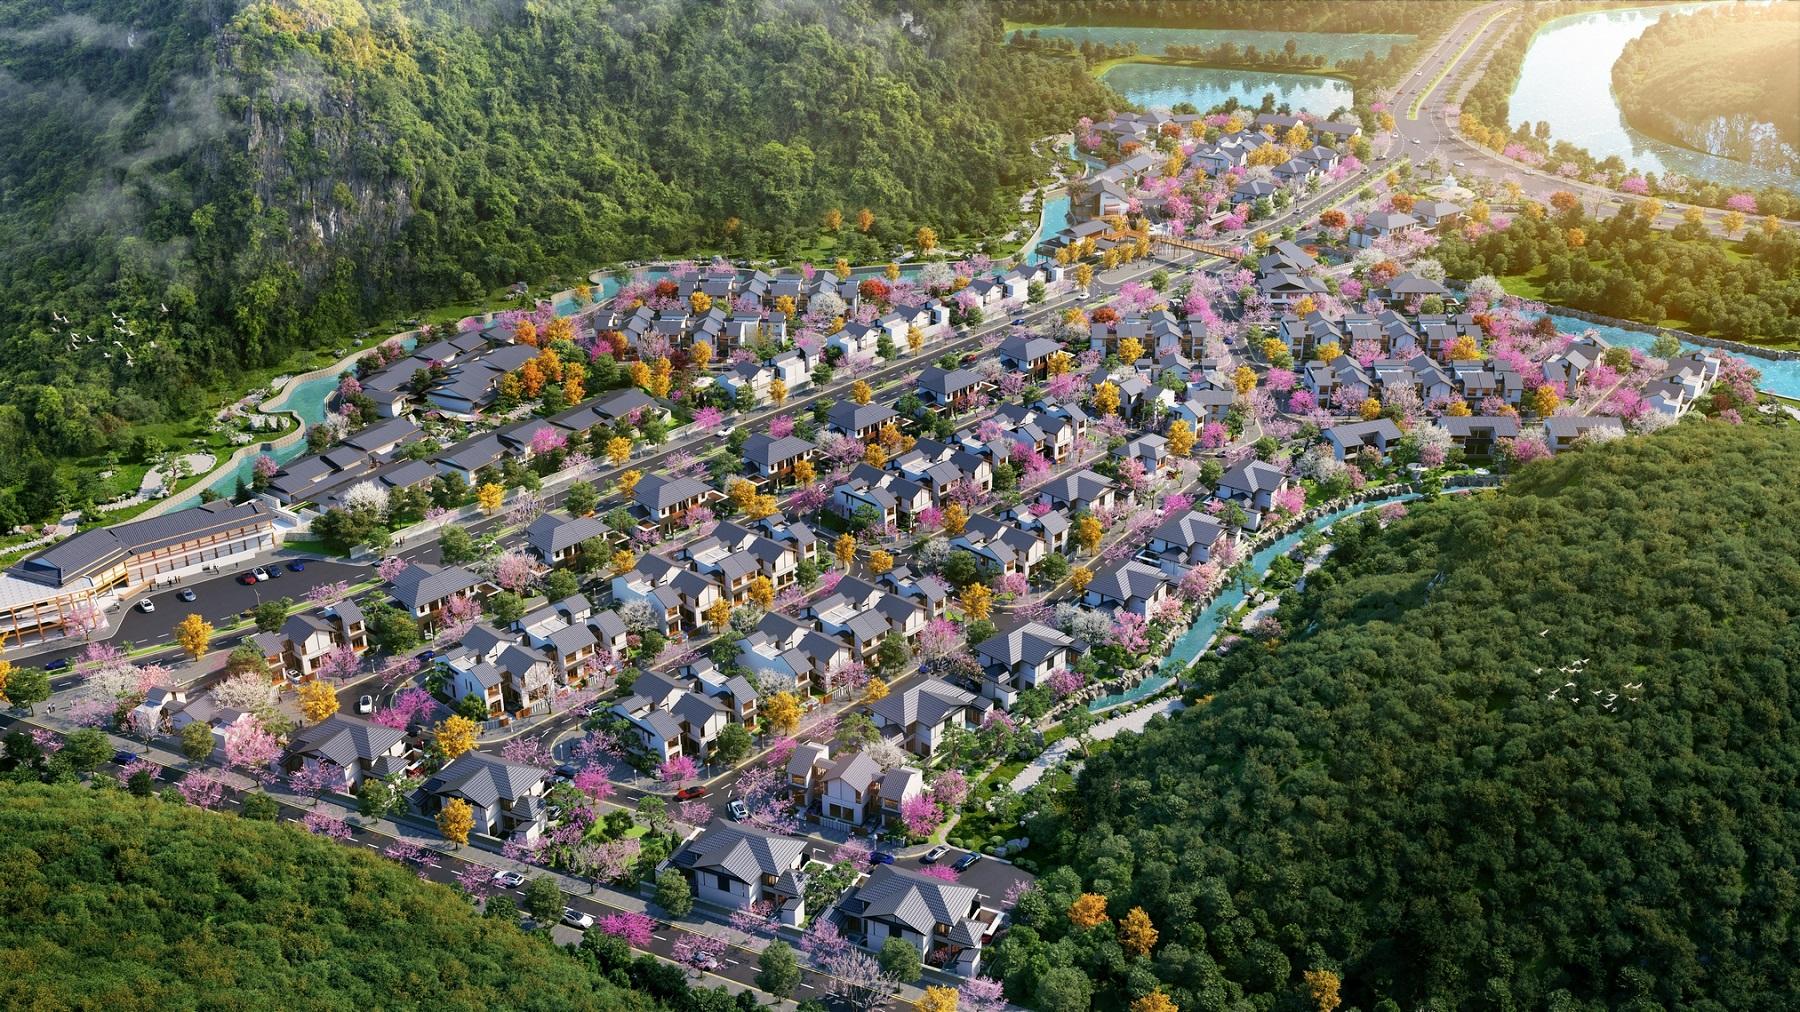 Sun Onsen Village - Limited Edition được kiến tạo nằm trong tổng thể thị trấn nghỉ dưỡng phong cách Nhật Bản. Ảnh: